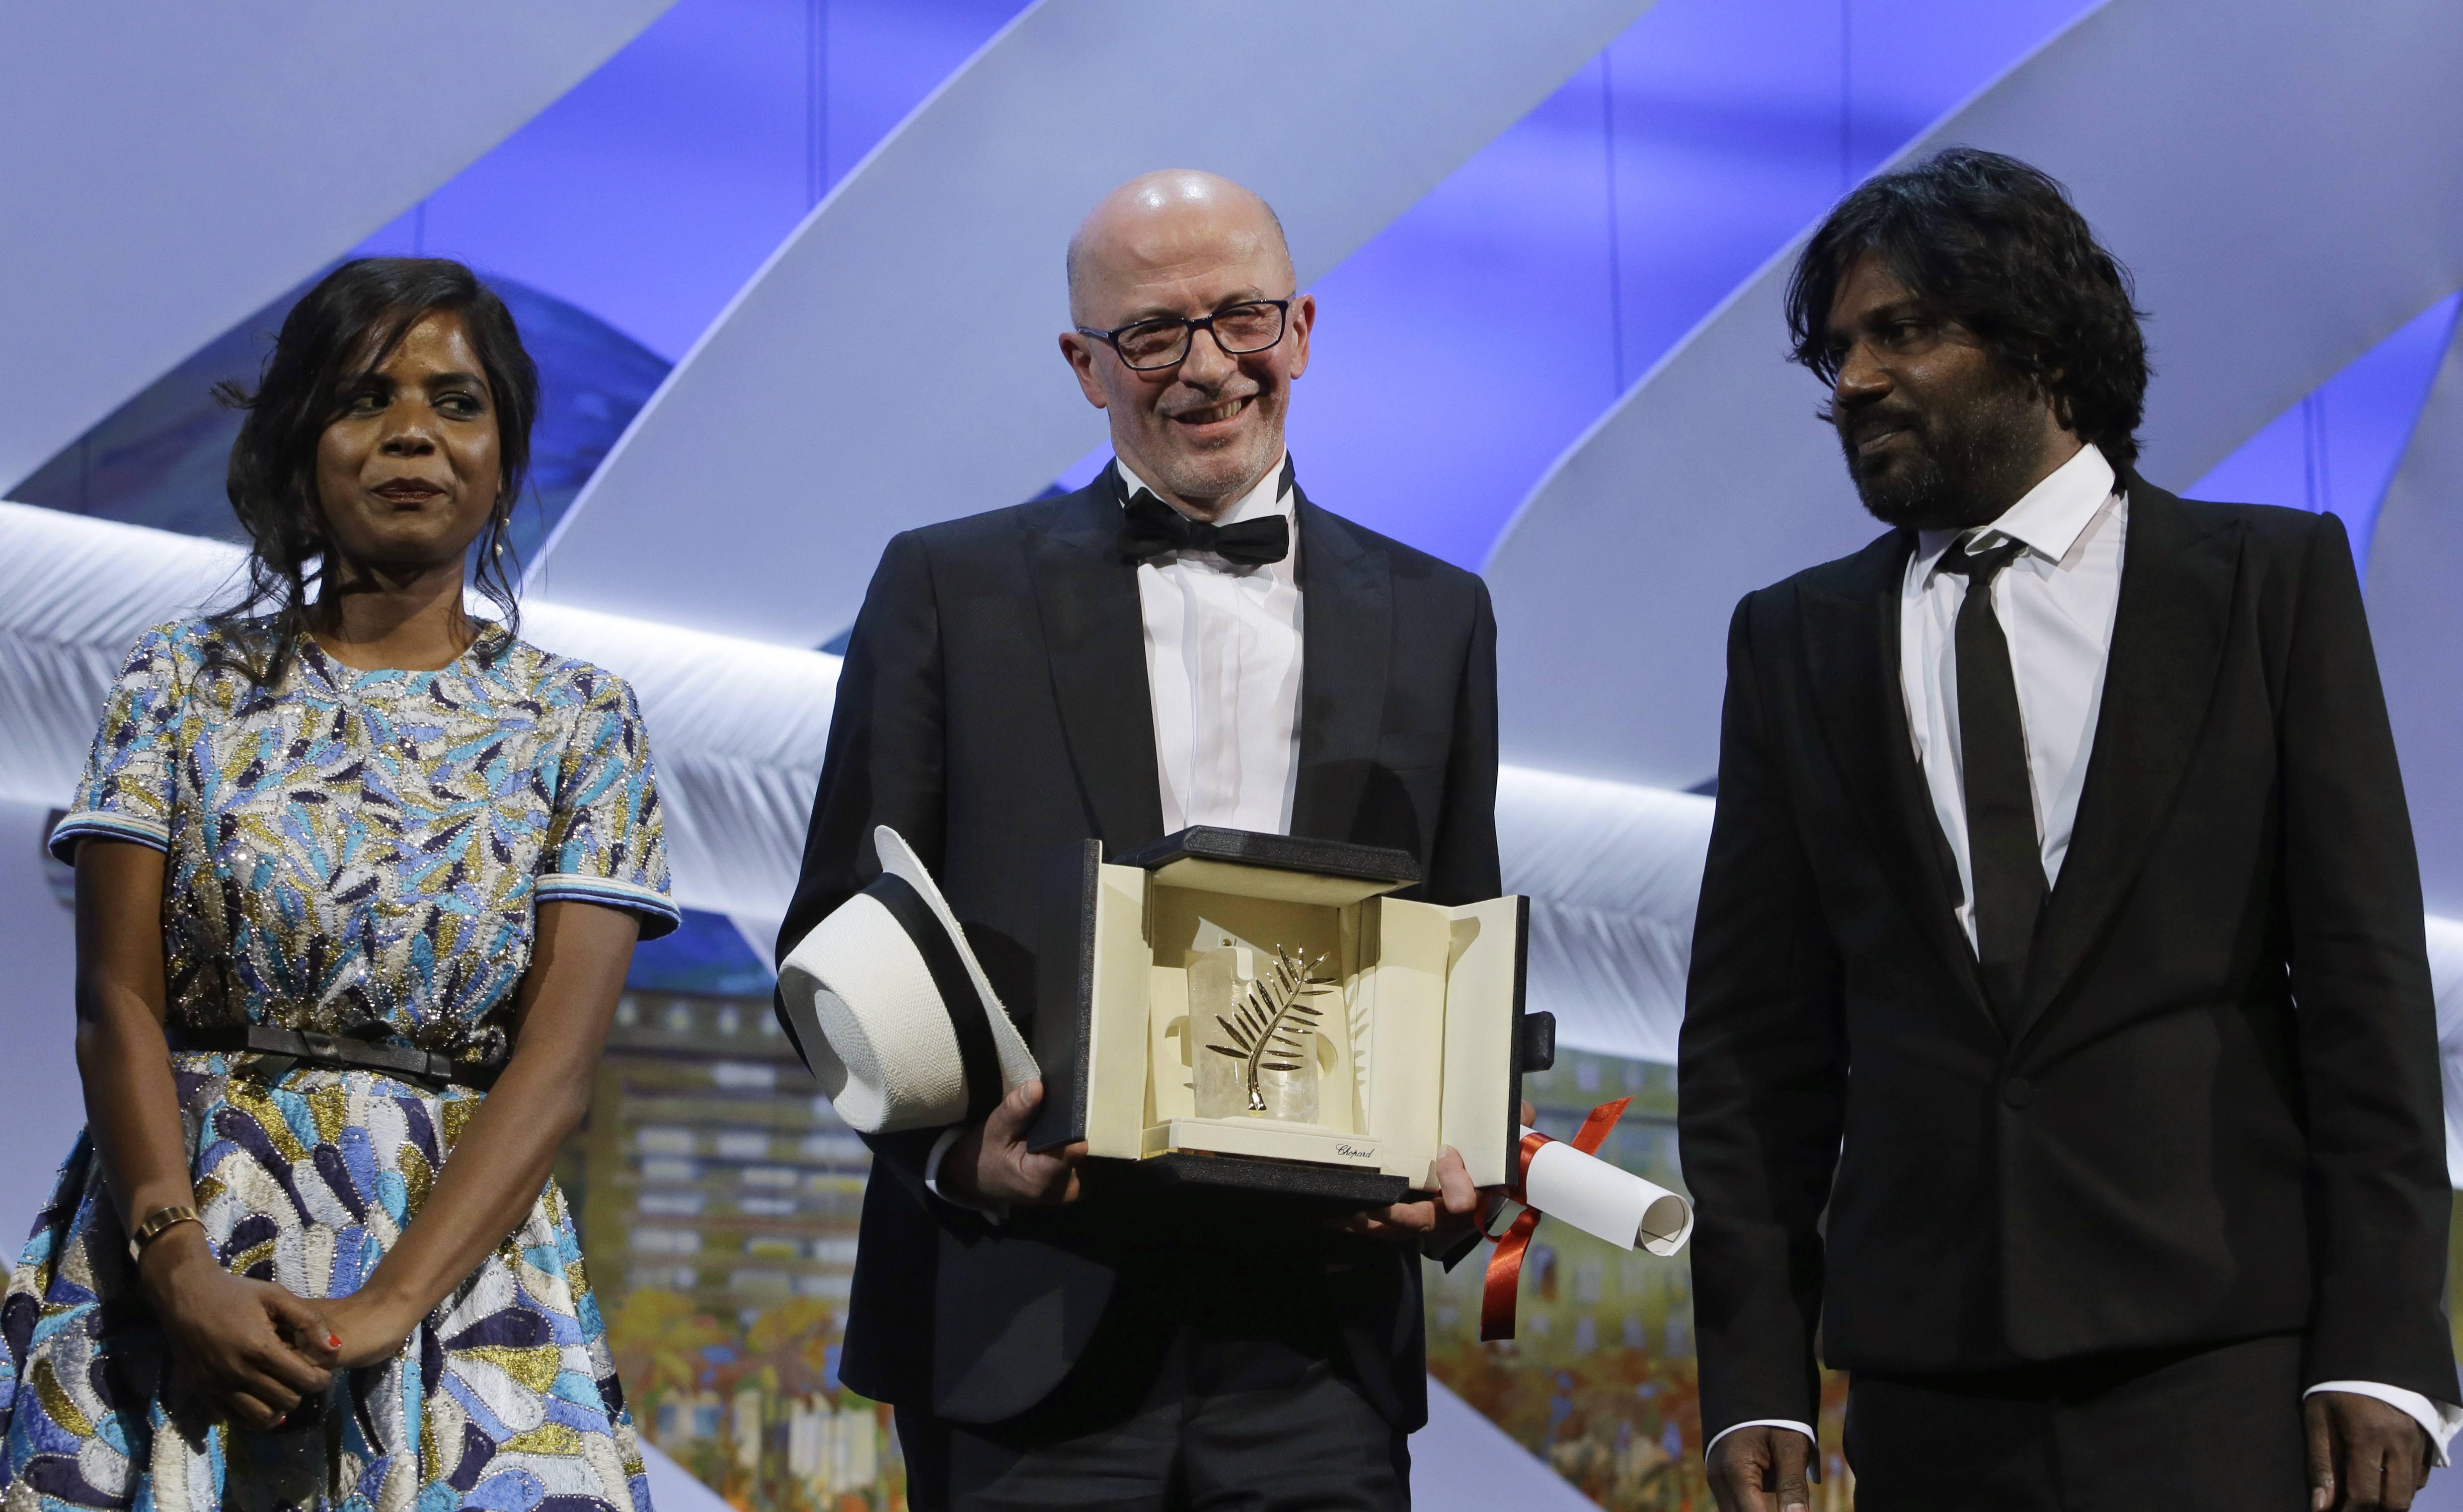 Una película sobre la migración ilegal gana la Palma de Oro en Cannes